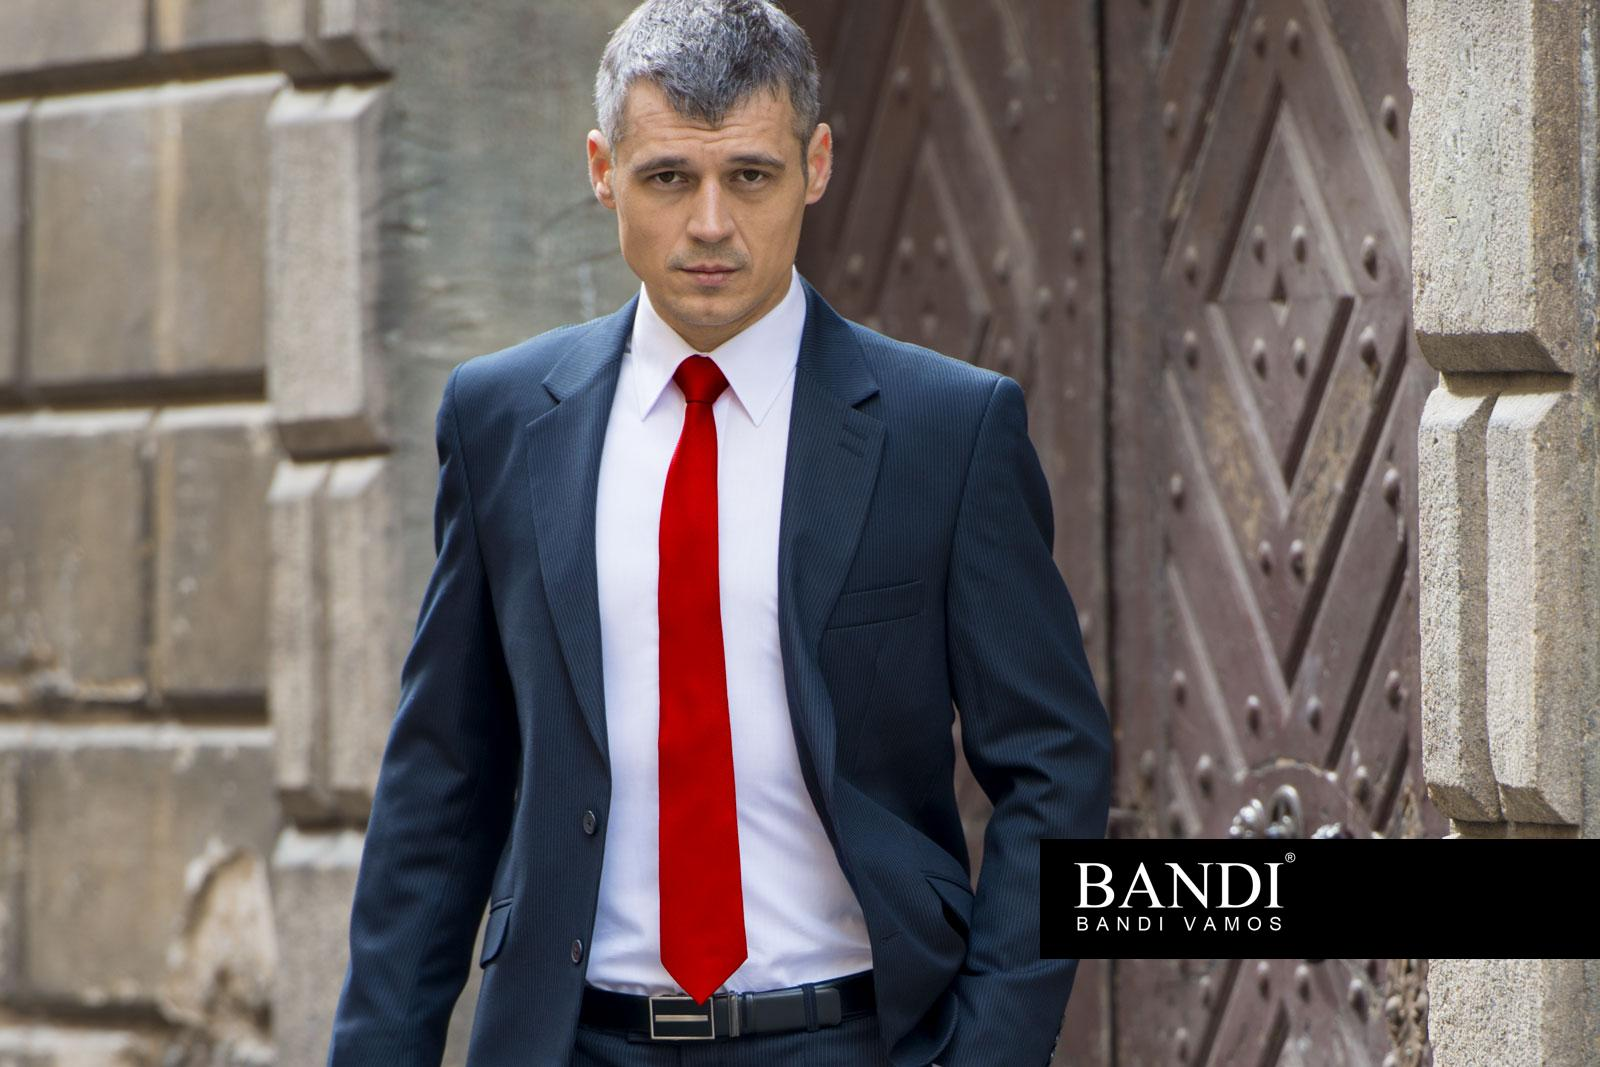 Úvodní fotografie – manažer s červenou kravatou